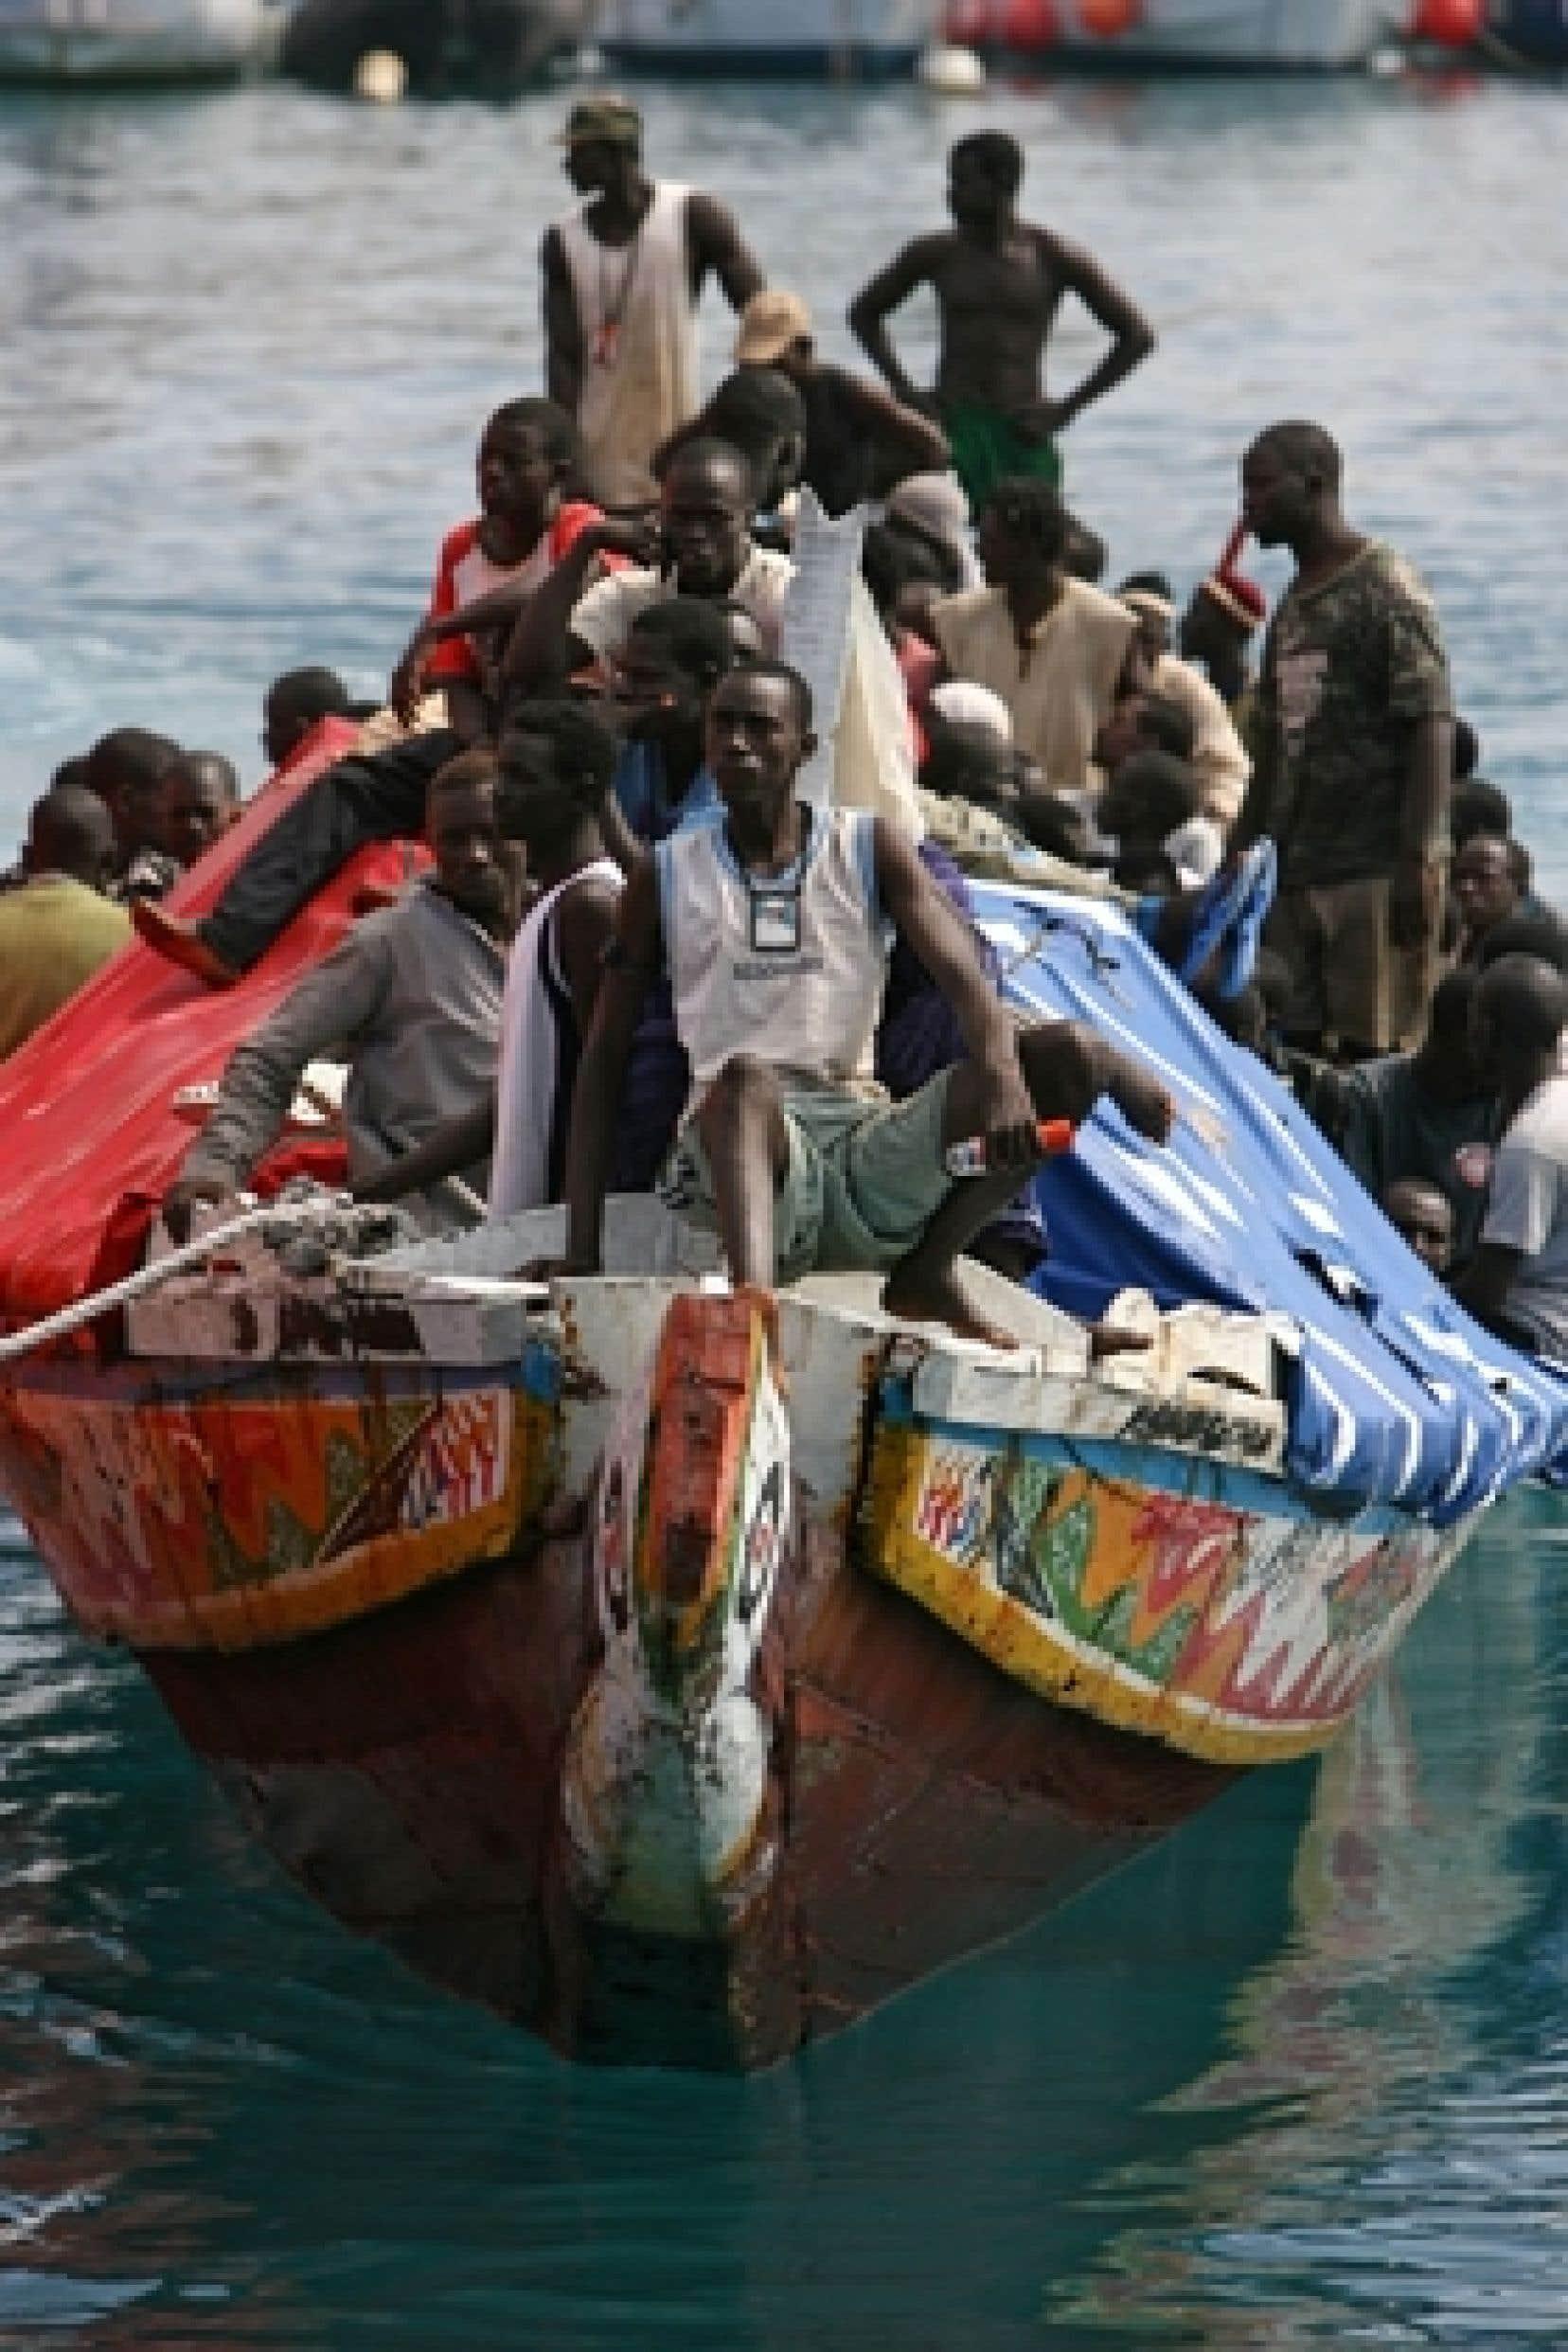 Un bateau d'immigrants clandestins intercepté en territoire espagnol en 2006. Ceux qui réussissent à franchir les frontières ne sont pas sauvés pour autant: la police les traque aujourd'hui avec acharnement.